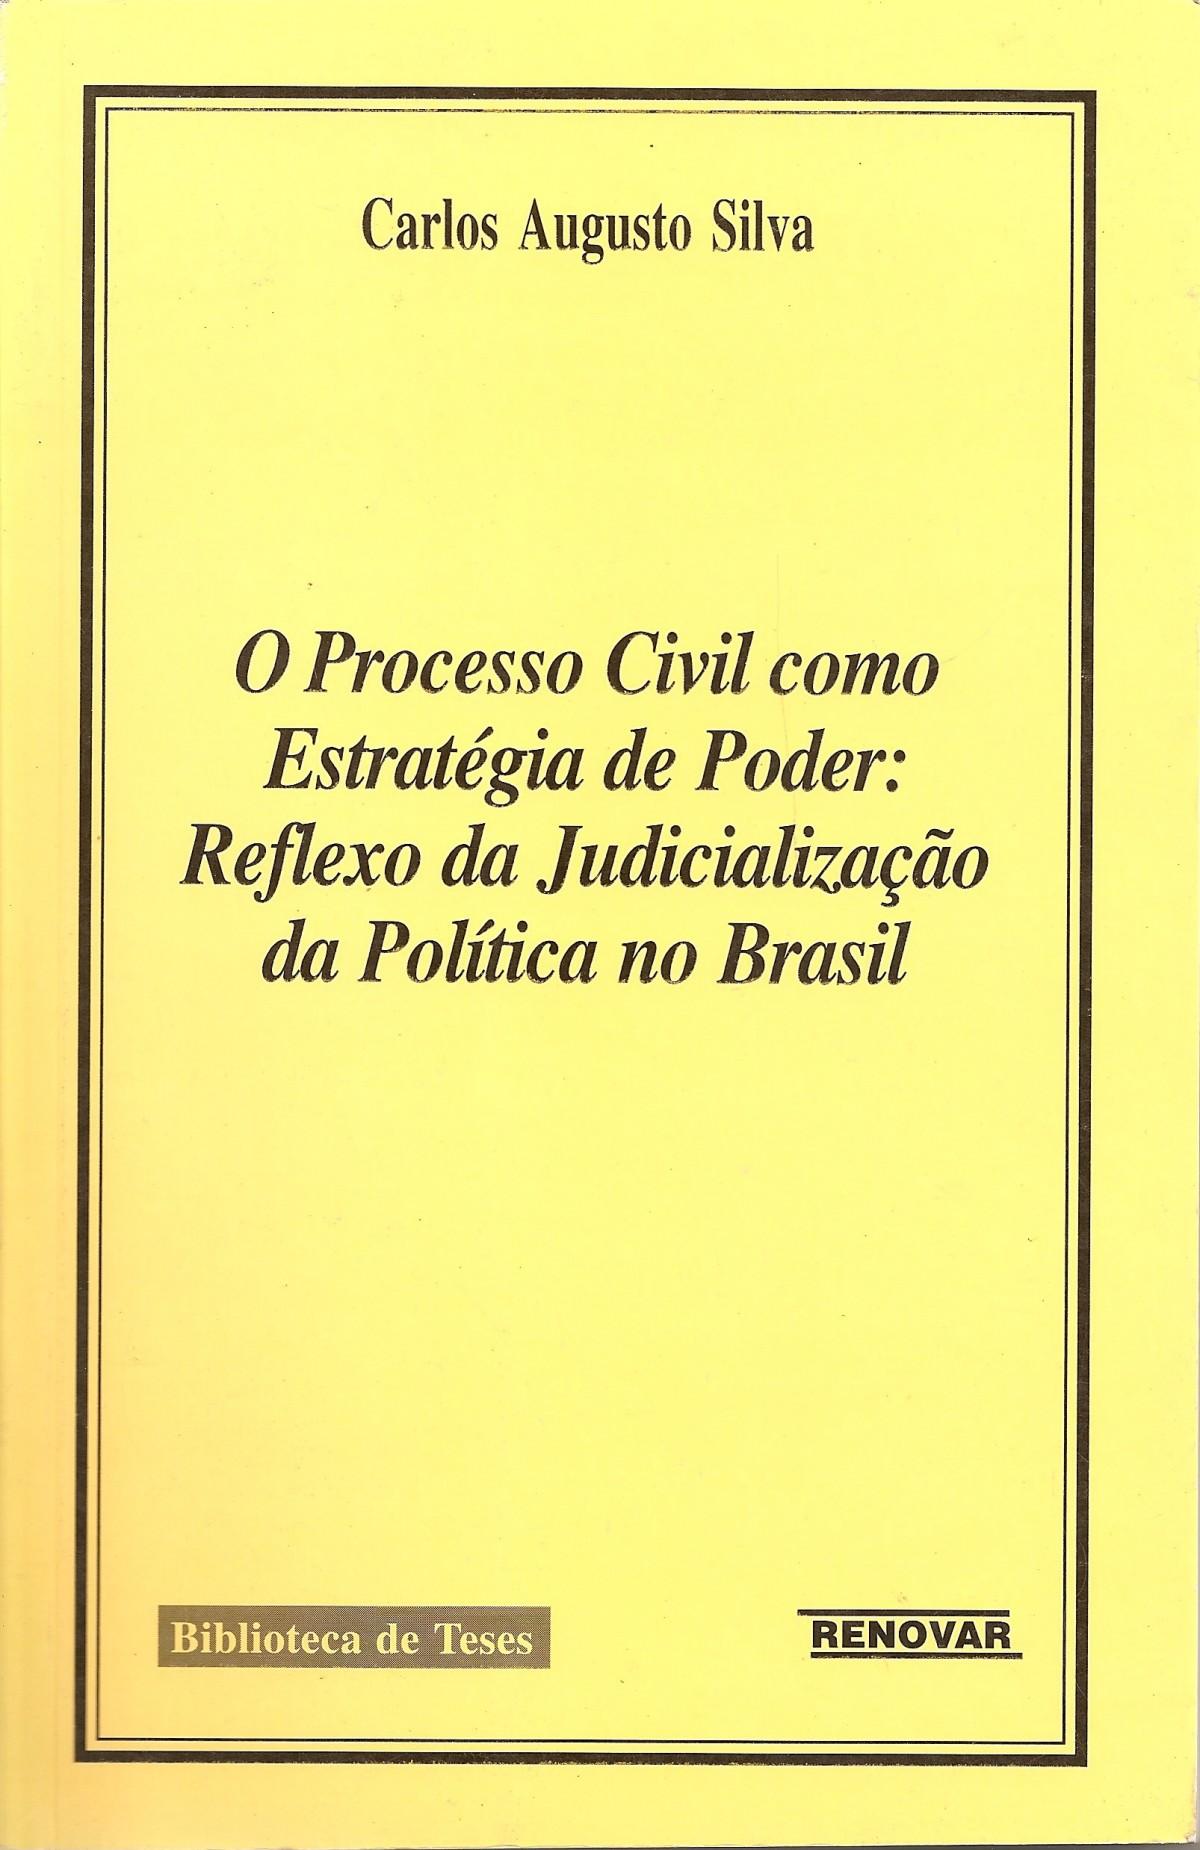 Foto 1 - O Processo Civil Como Estratégia de Poder: Reflexo da Judicialização da Política no Brasil